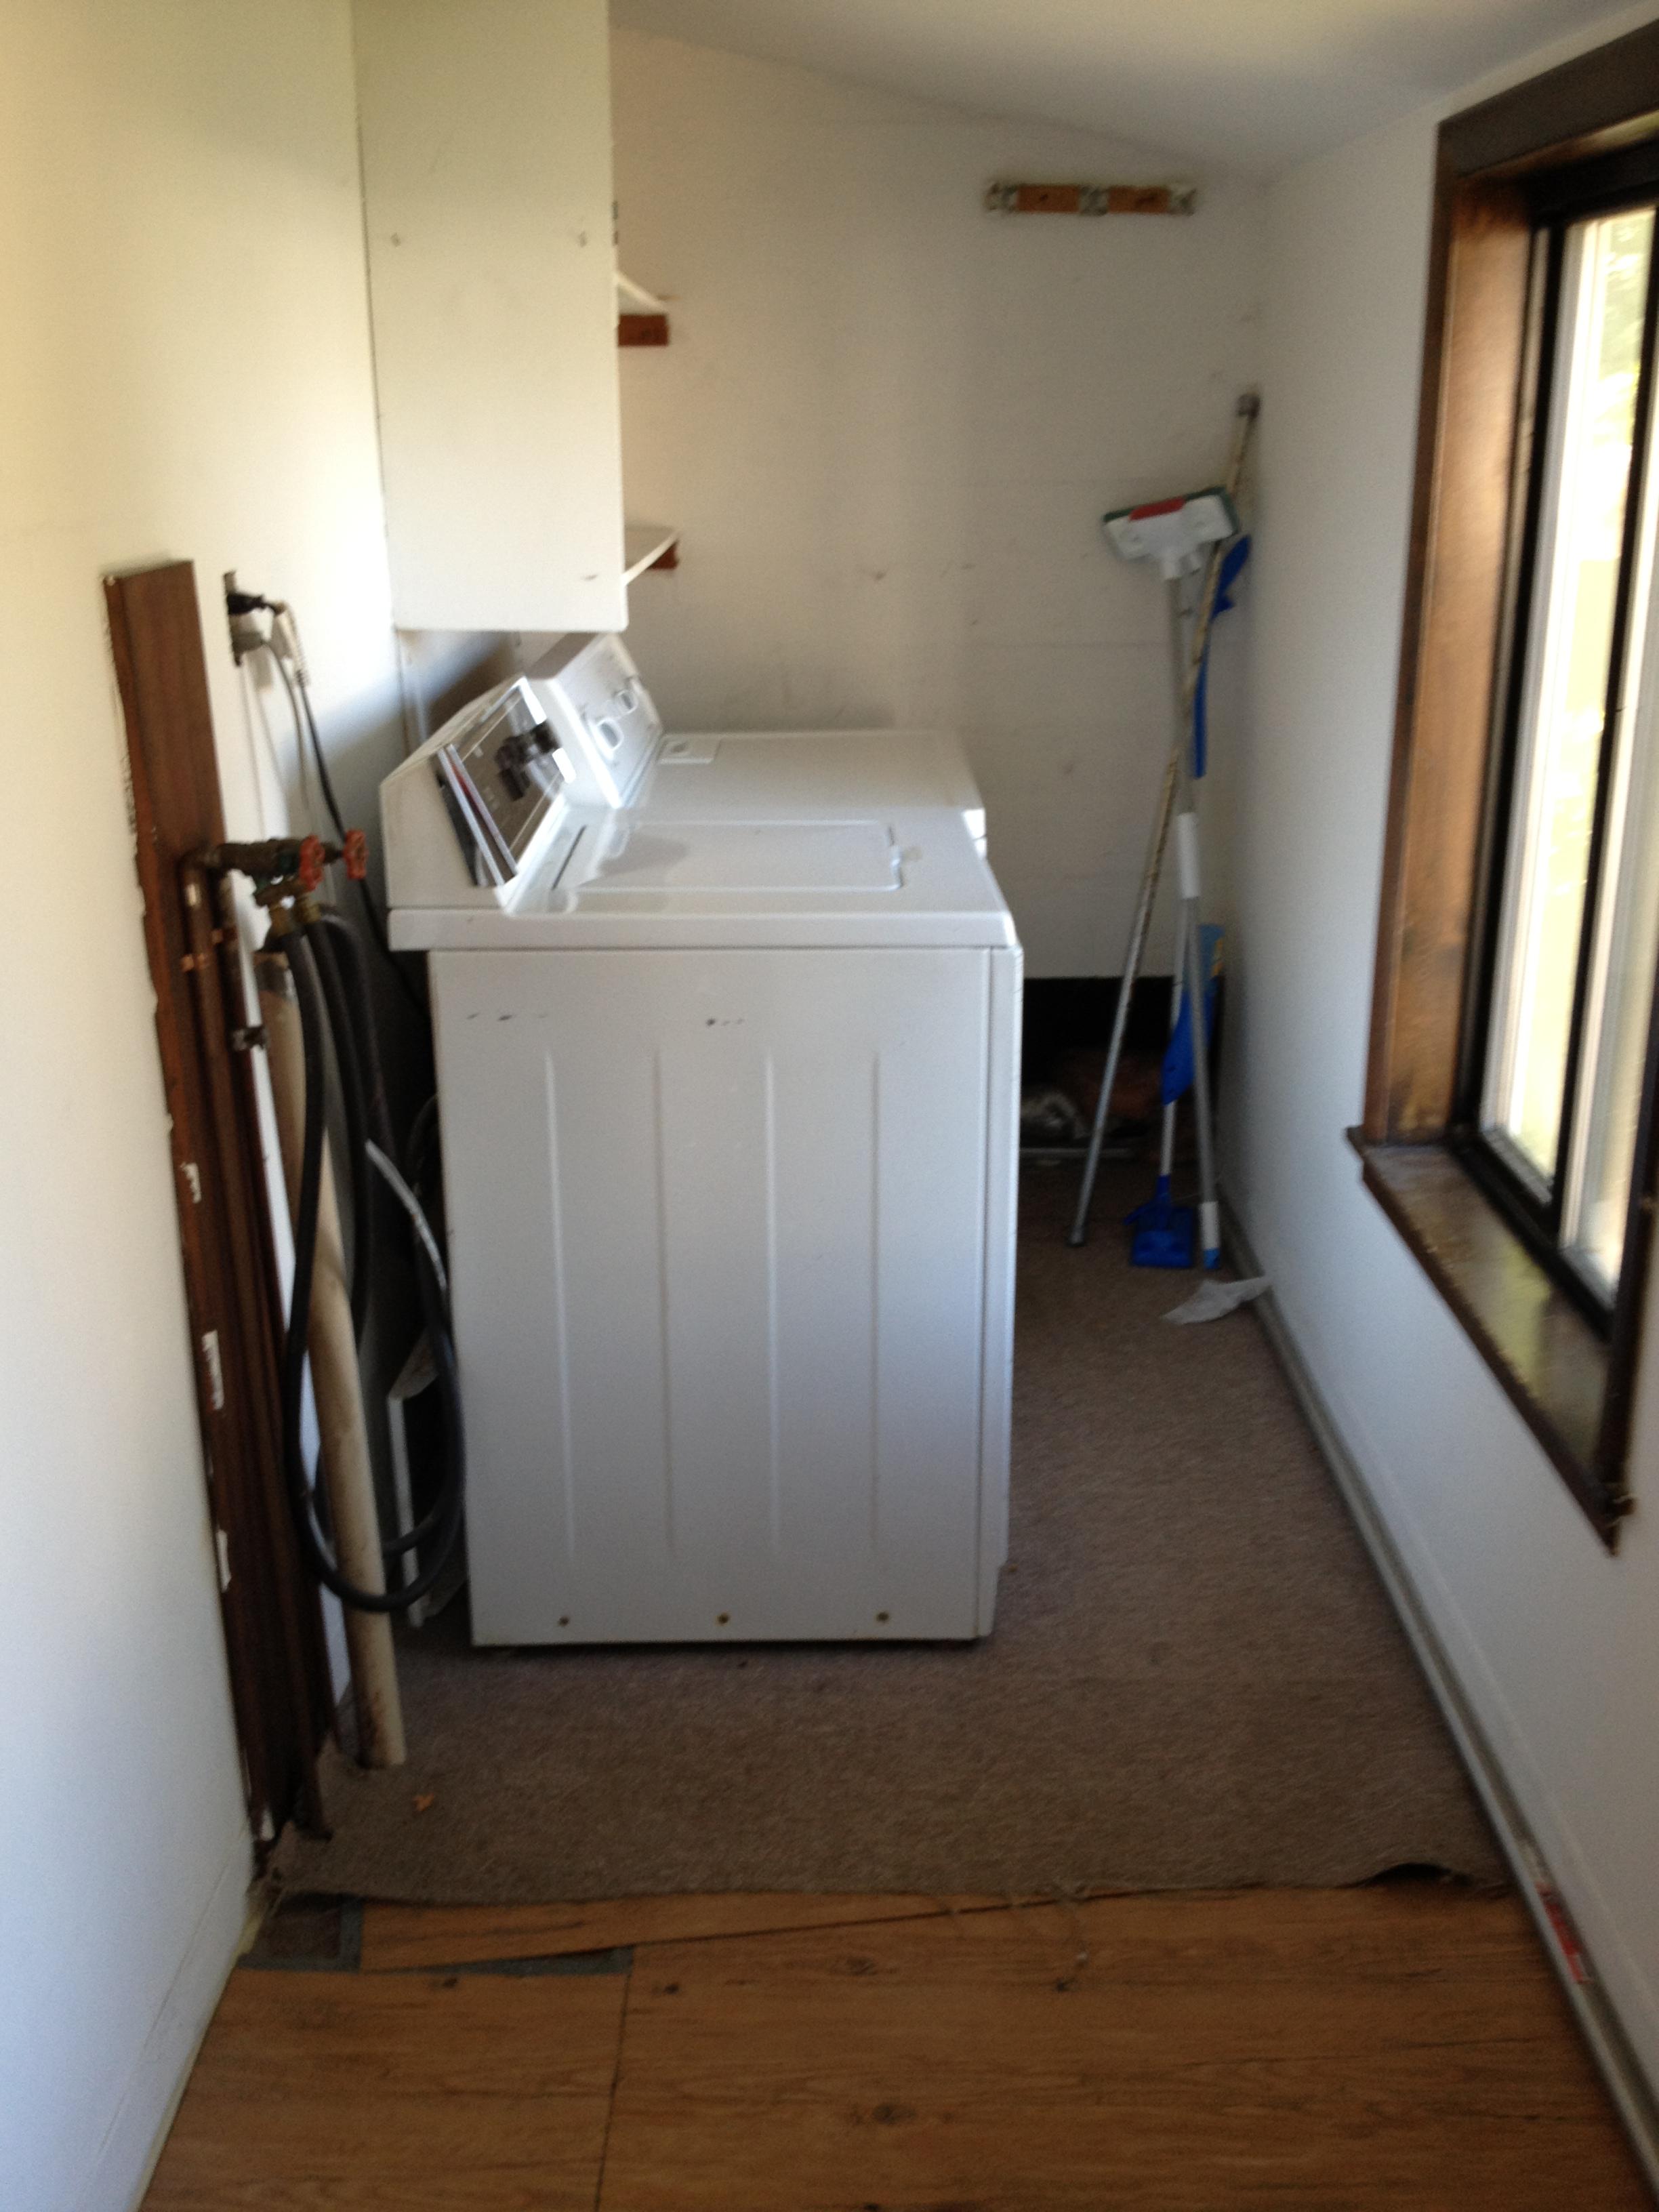 blog 1 laundry